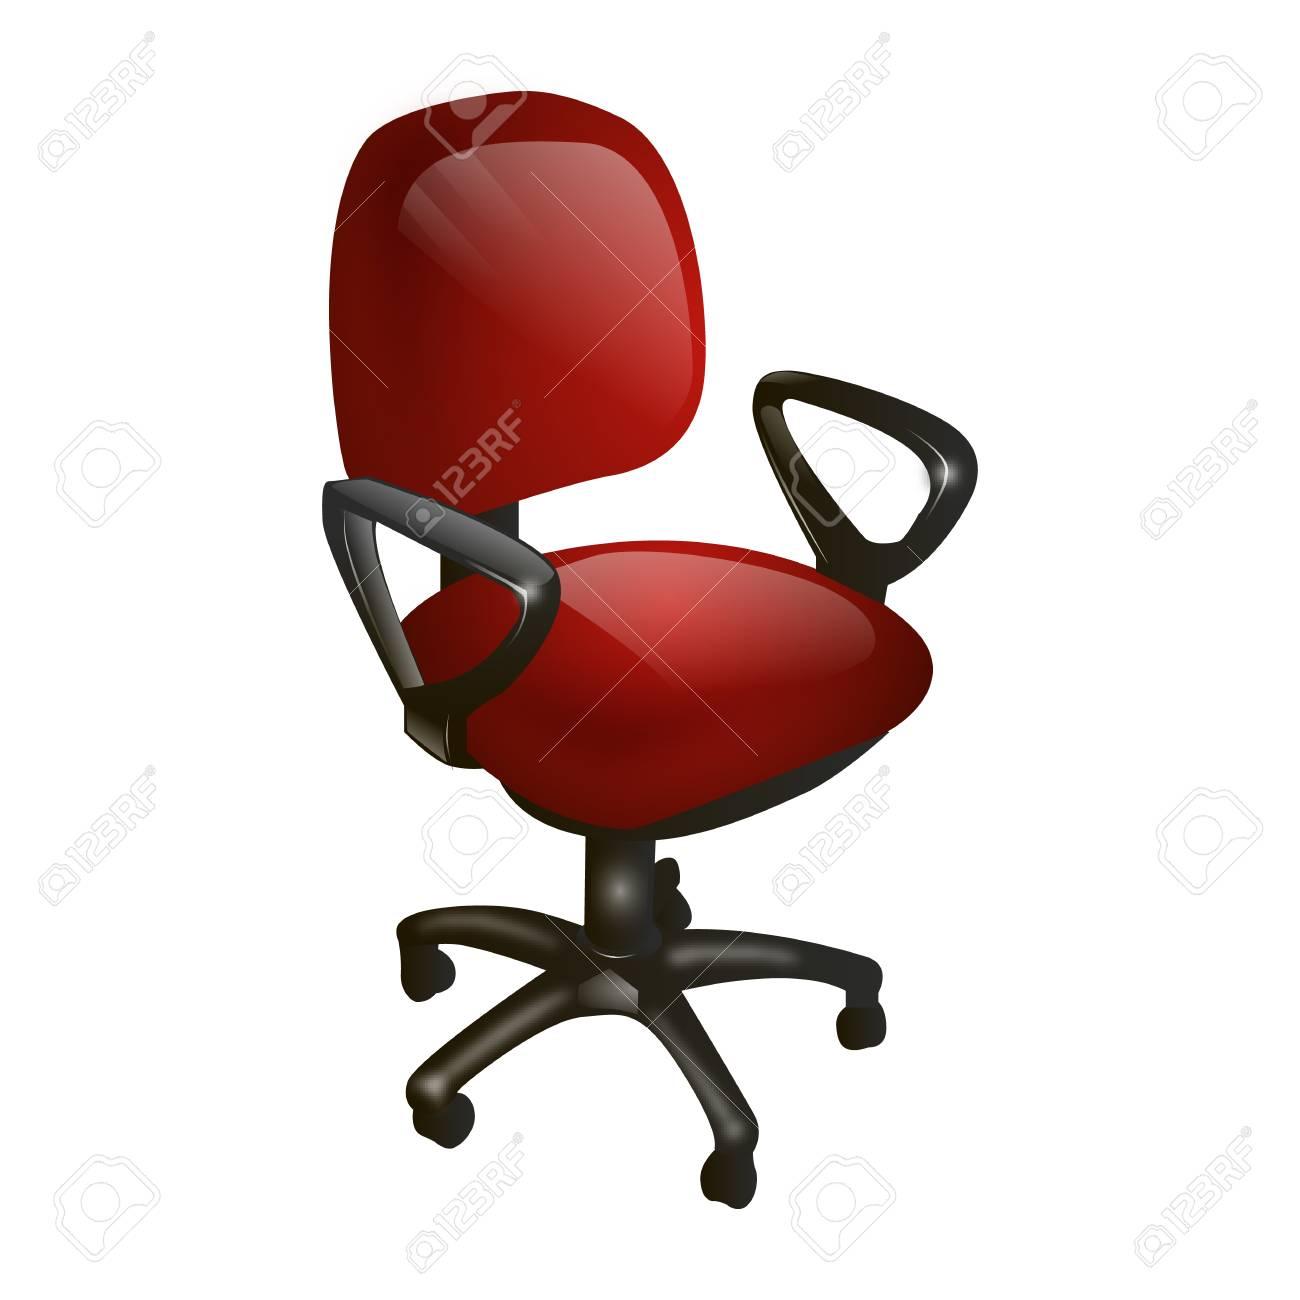 Rode Fauteuil Leer.Rode Computer Stoel Leer Op Een Witte Achtergrond Geisoleerde